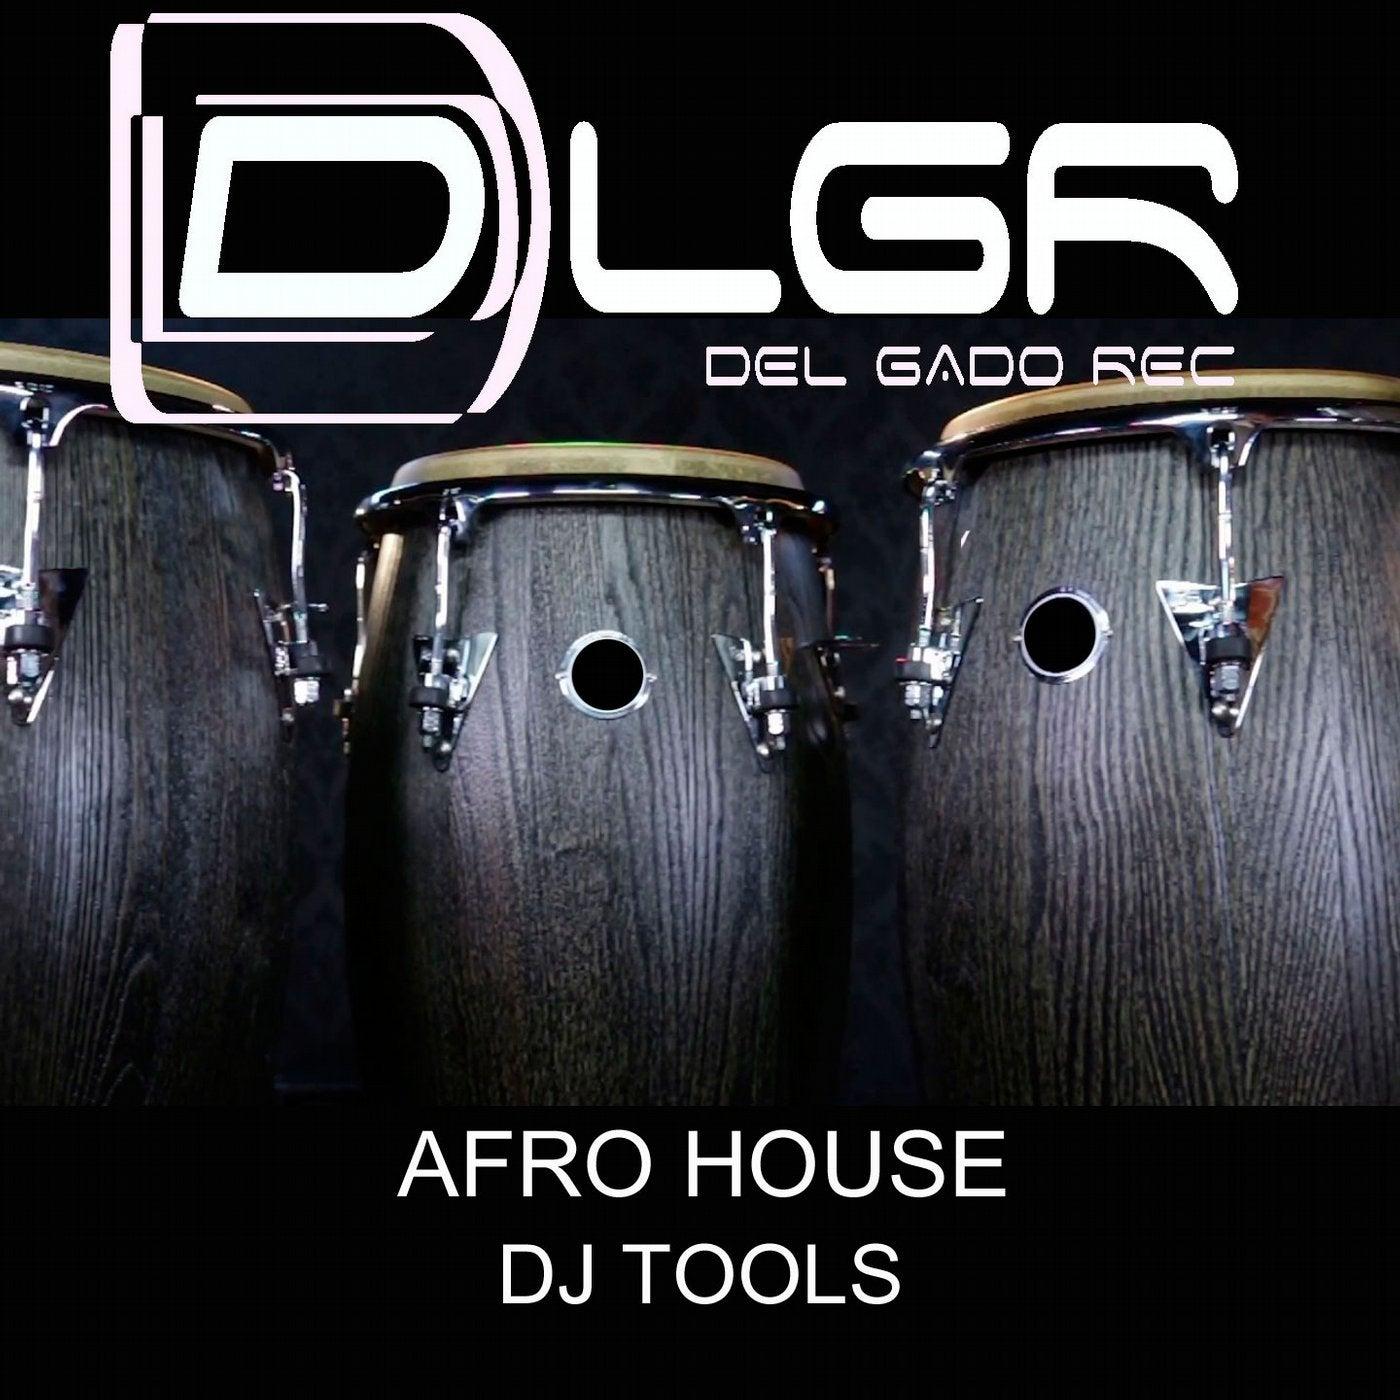 Congas rock DJ tools (DJ tools)